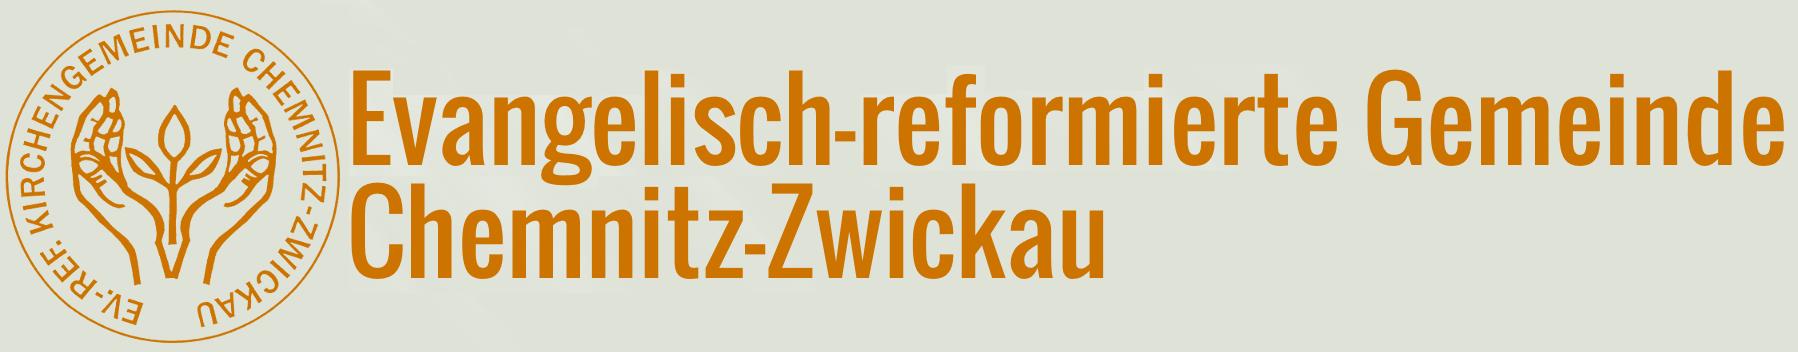 Evangelisch-reformierte Gemeinde Chemnitz-Zwickau